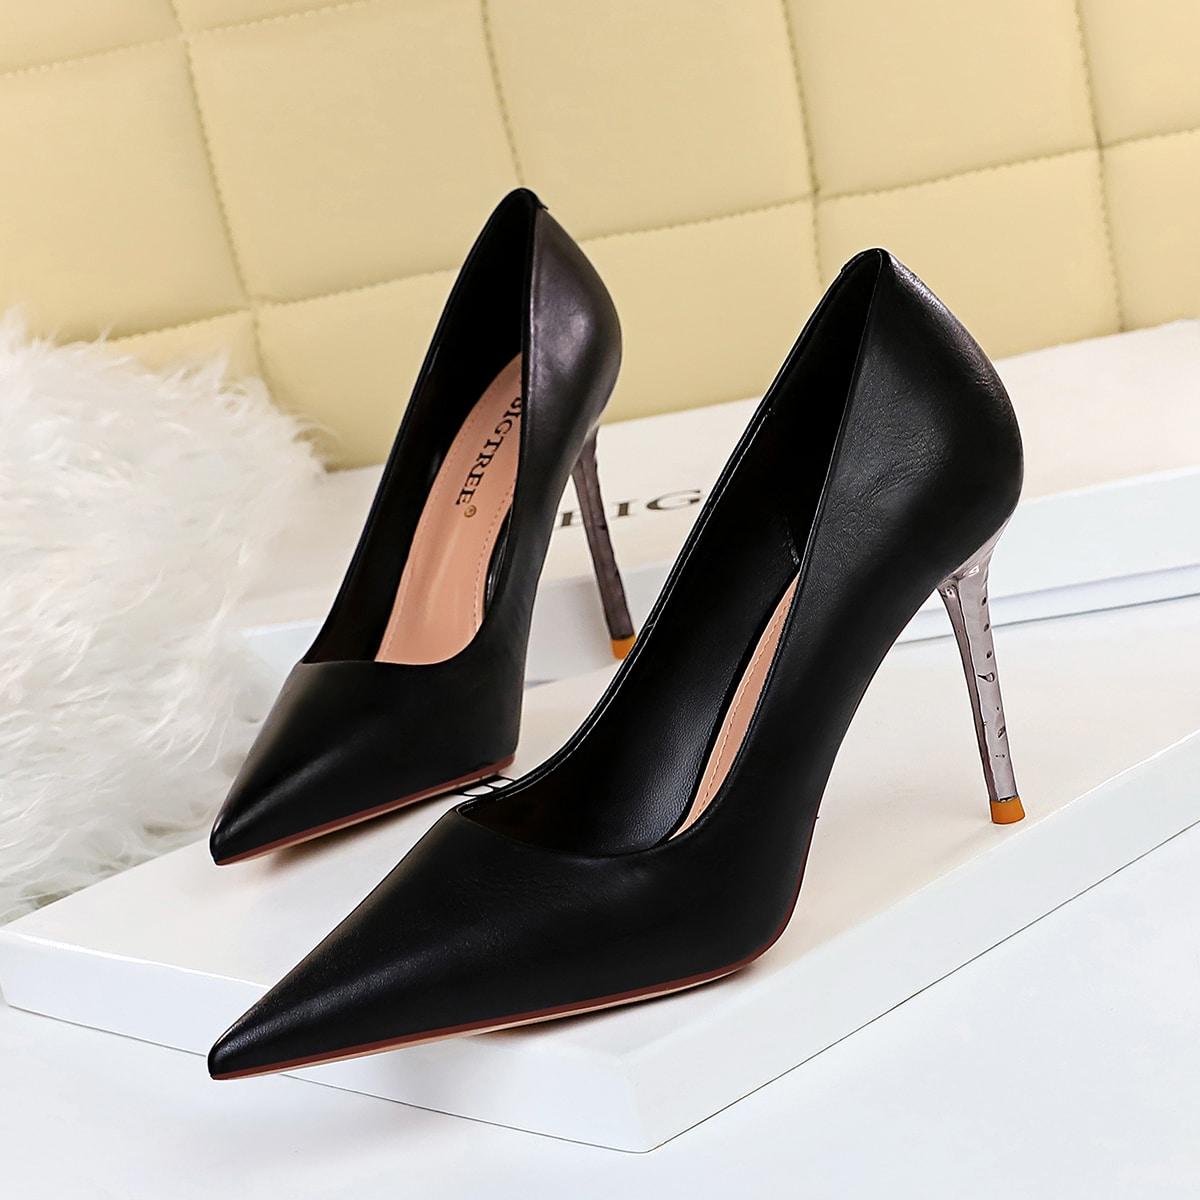 Минималистские туфли на шпильках